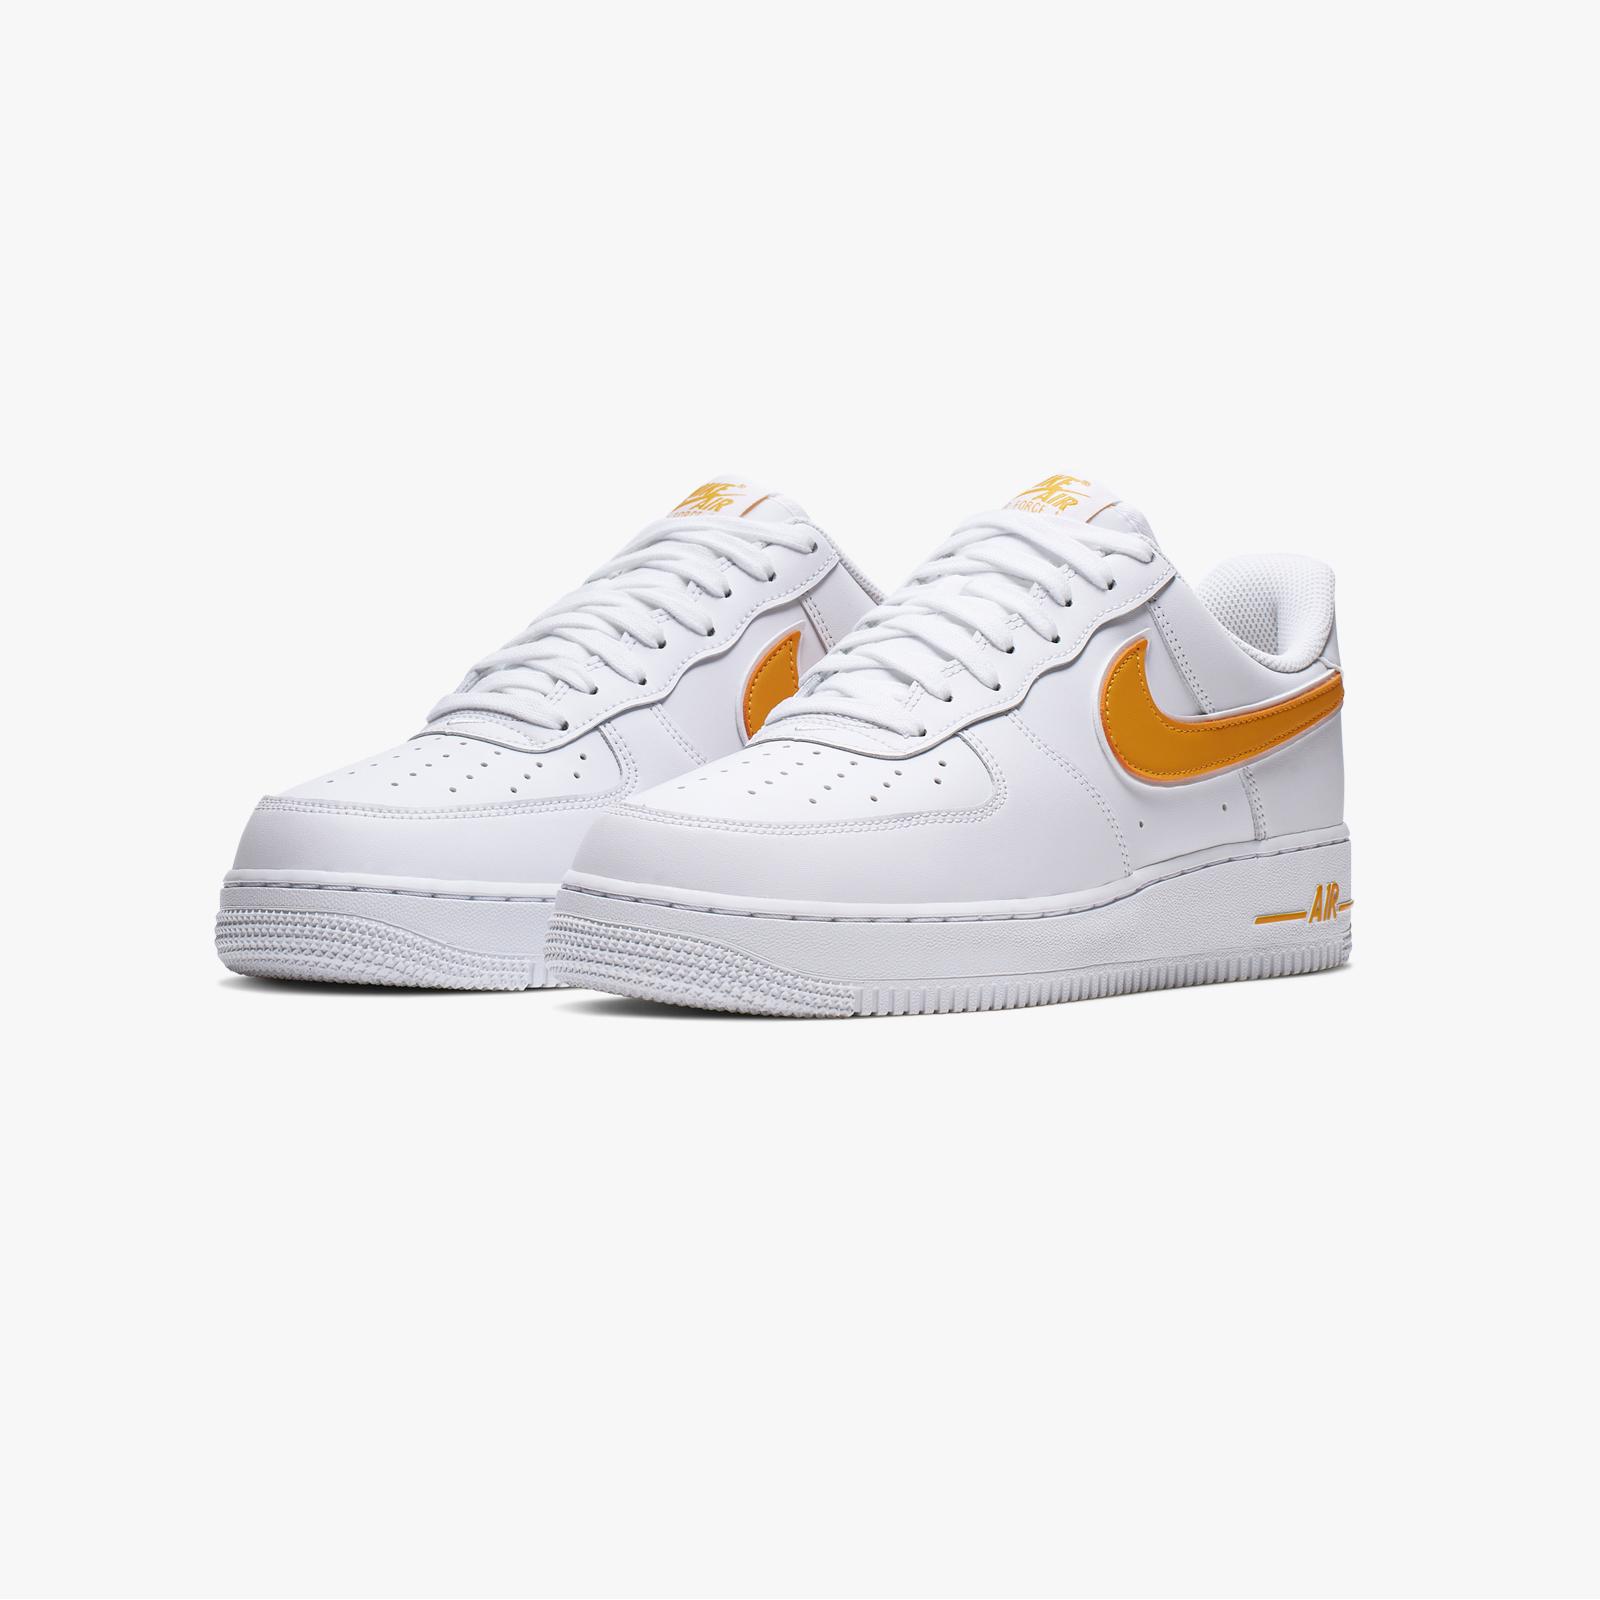 Nike Air Force 1 07 Ao2423 105 Sneakersnstuff   sneakers